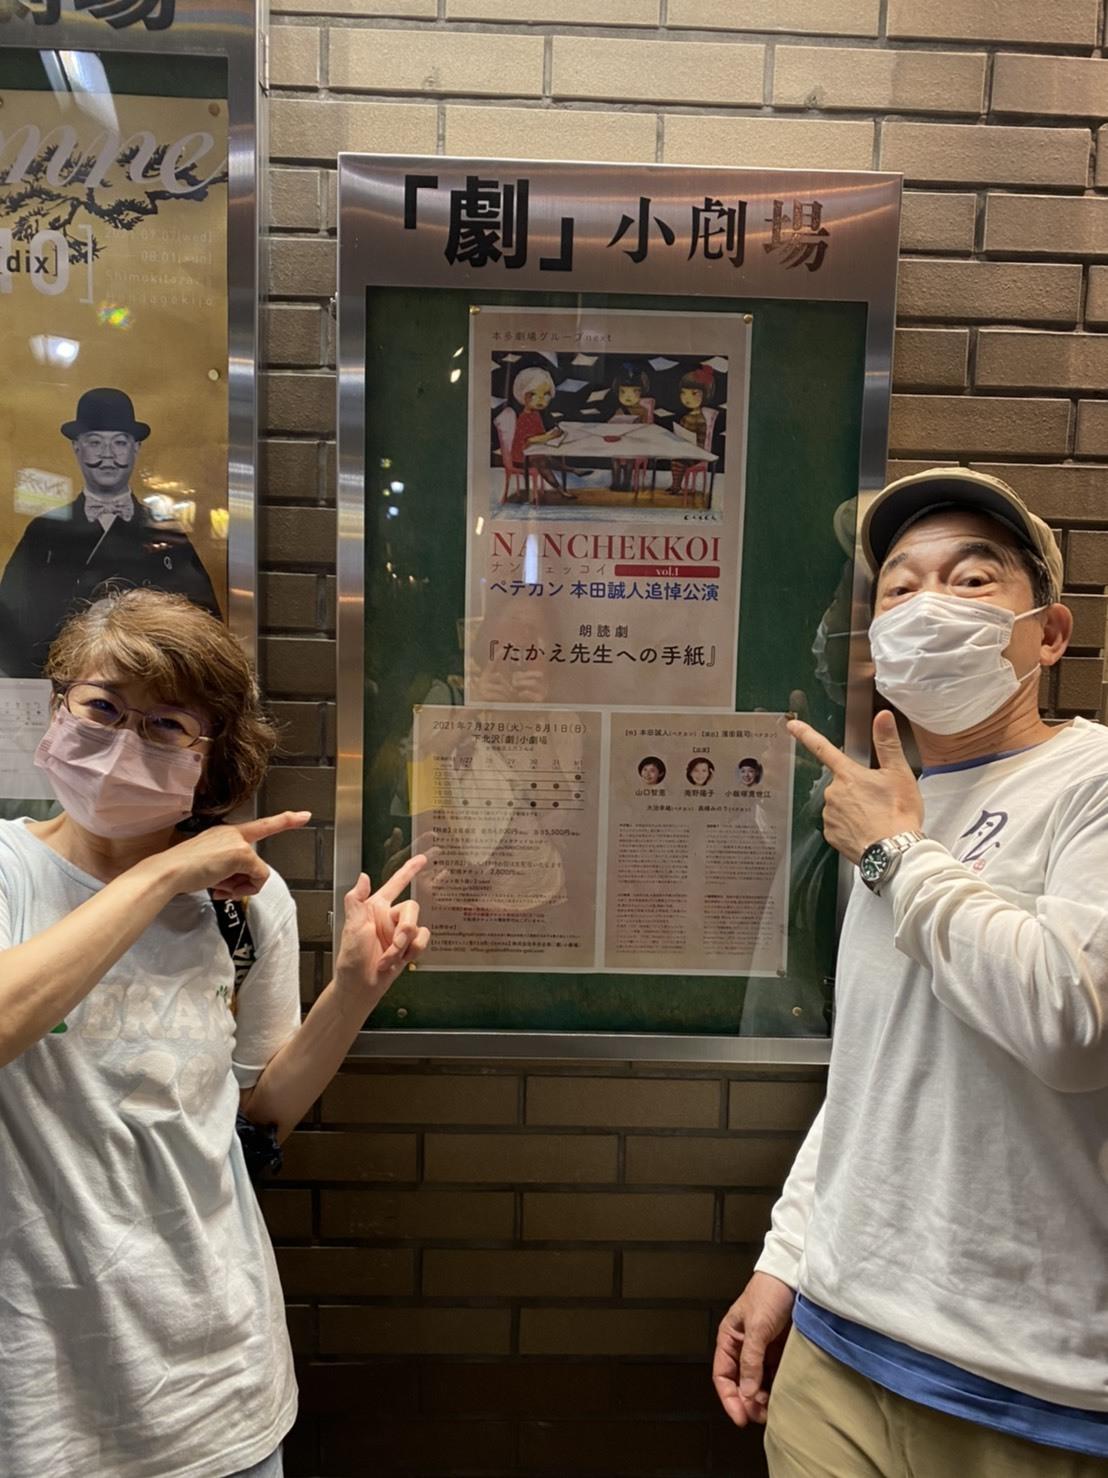 本田さんに会いたいな。。。💖_a0163623_00181493.jpg